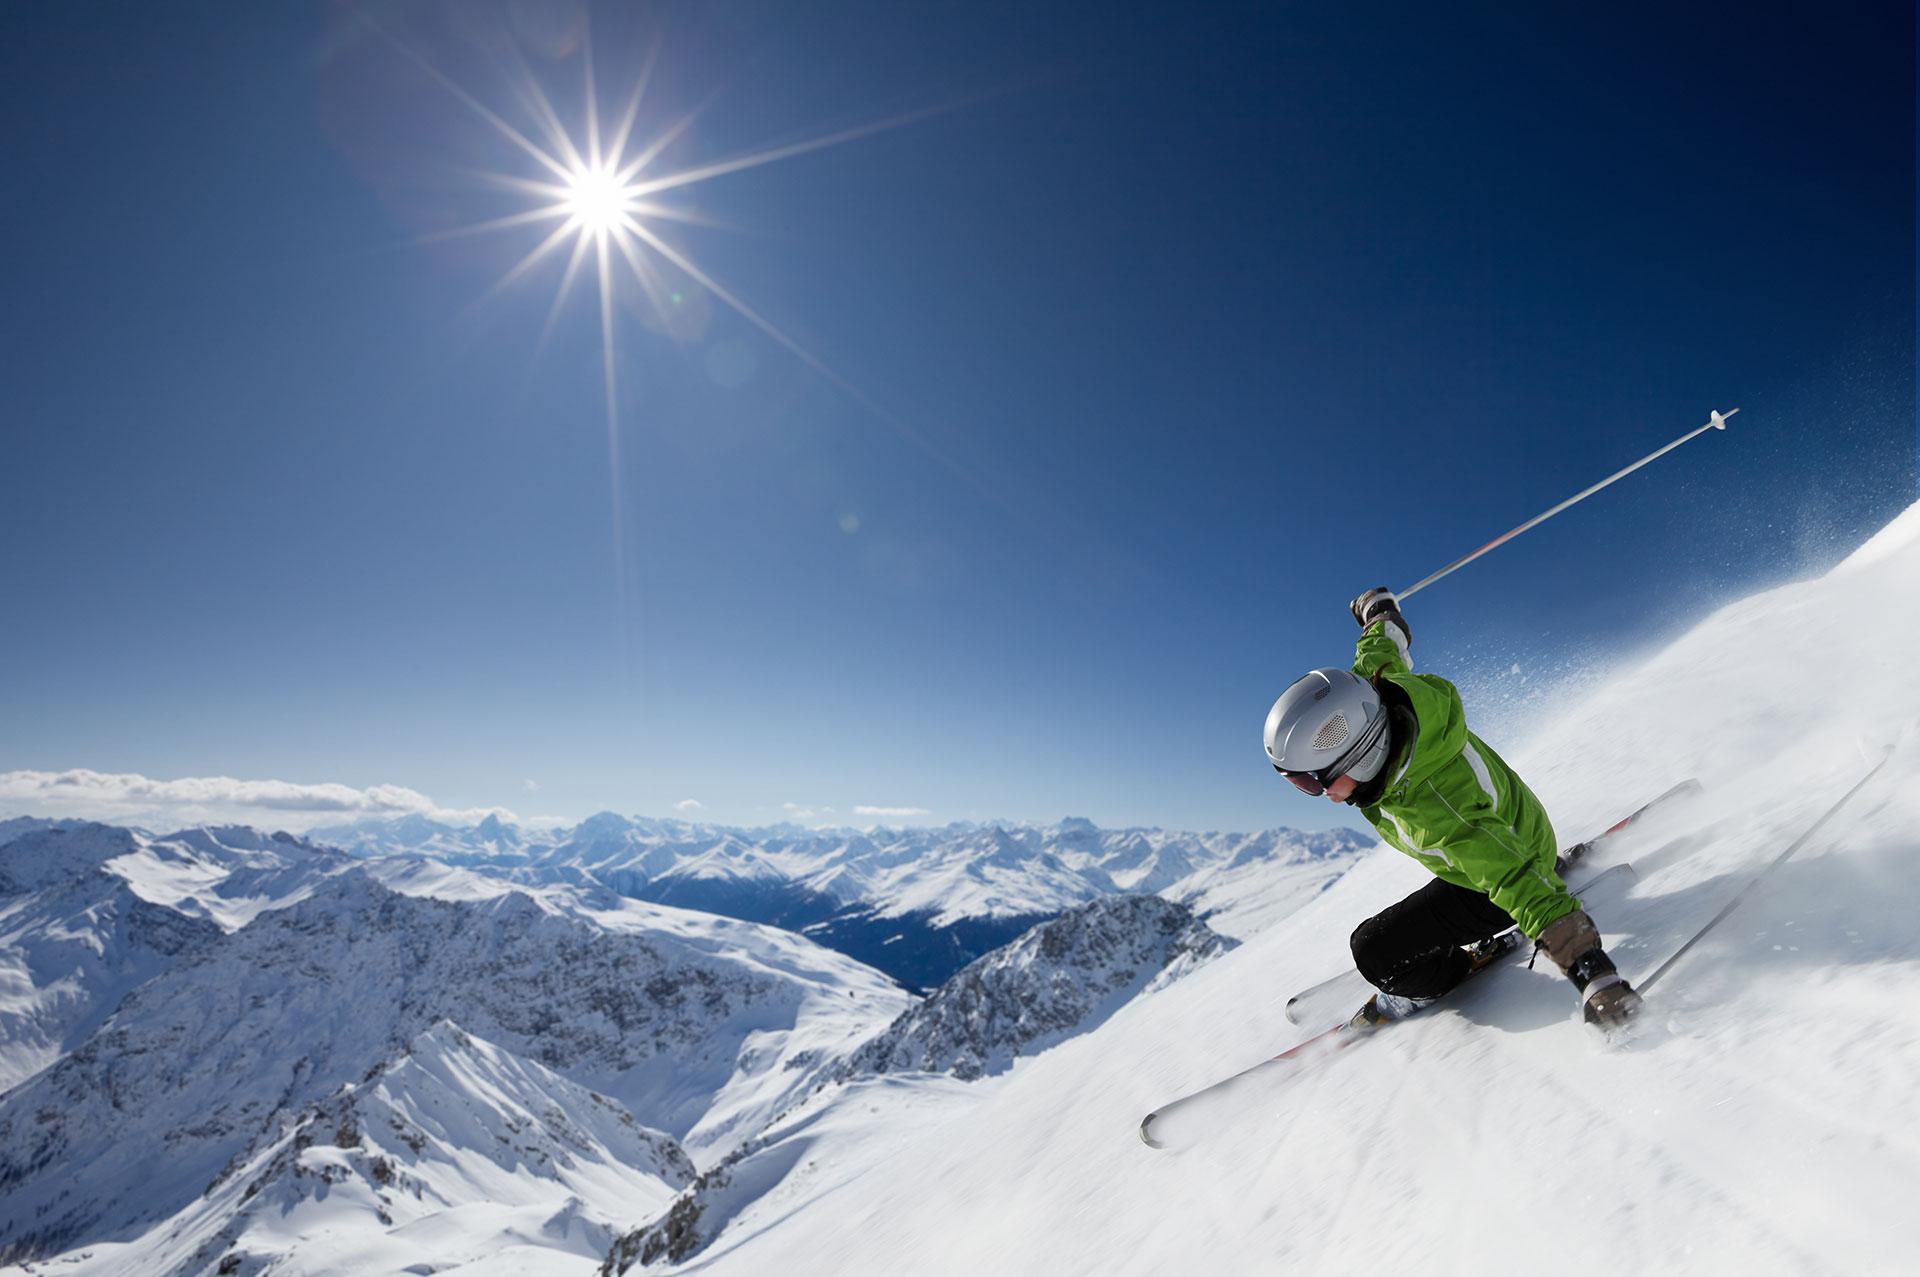 skireizen skihigh